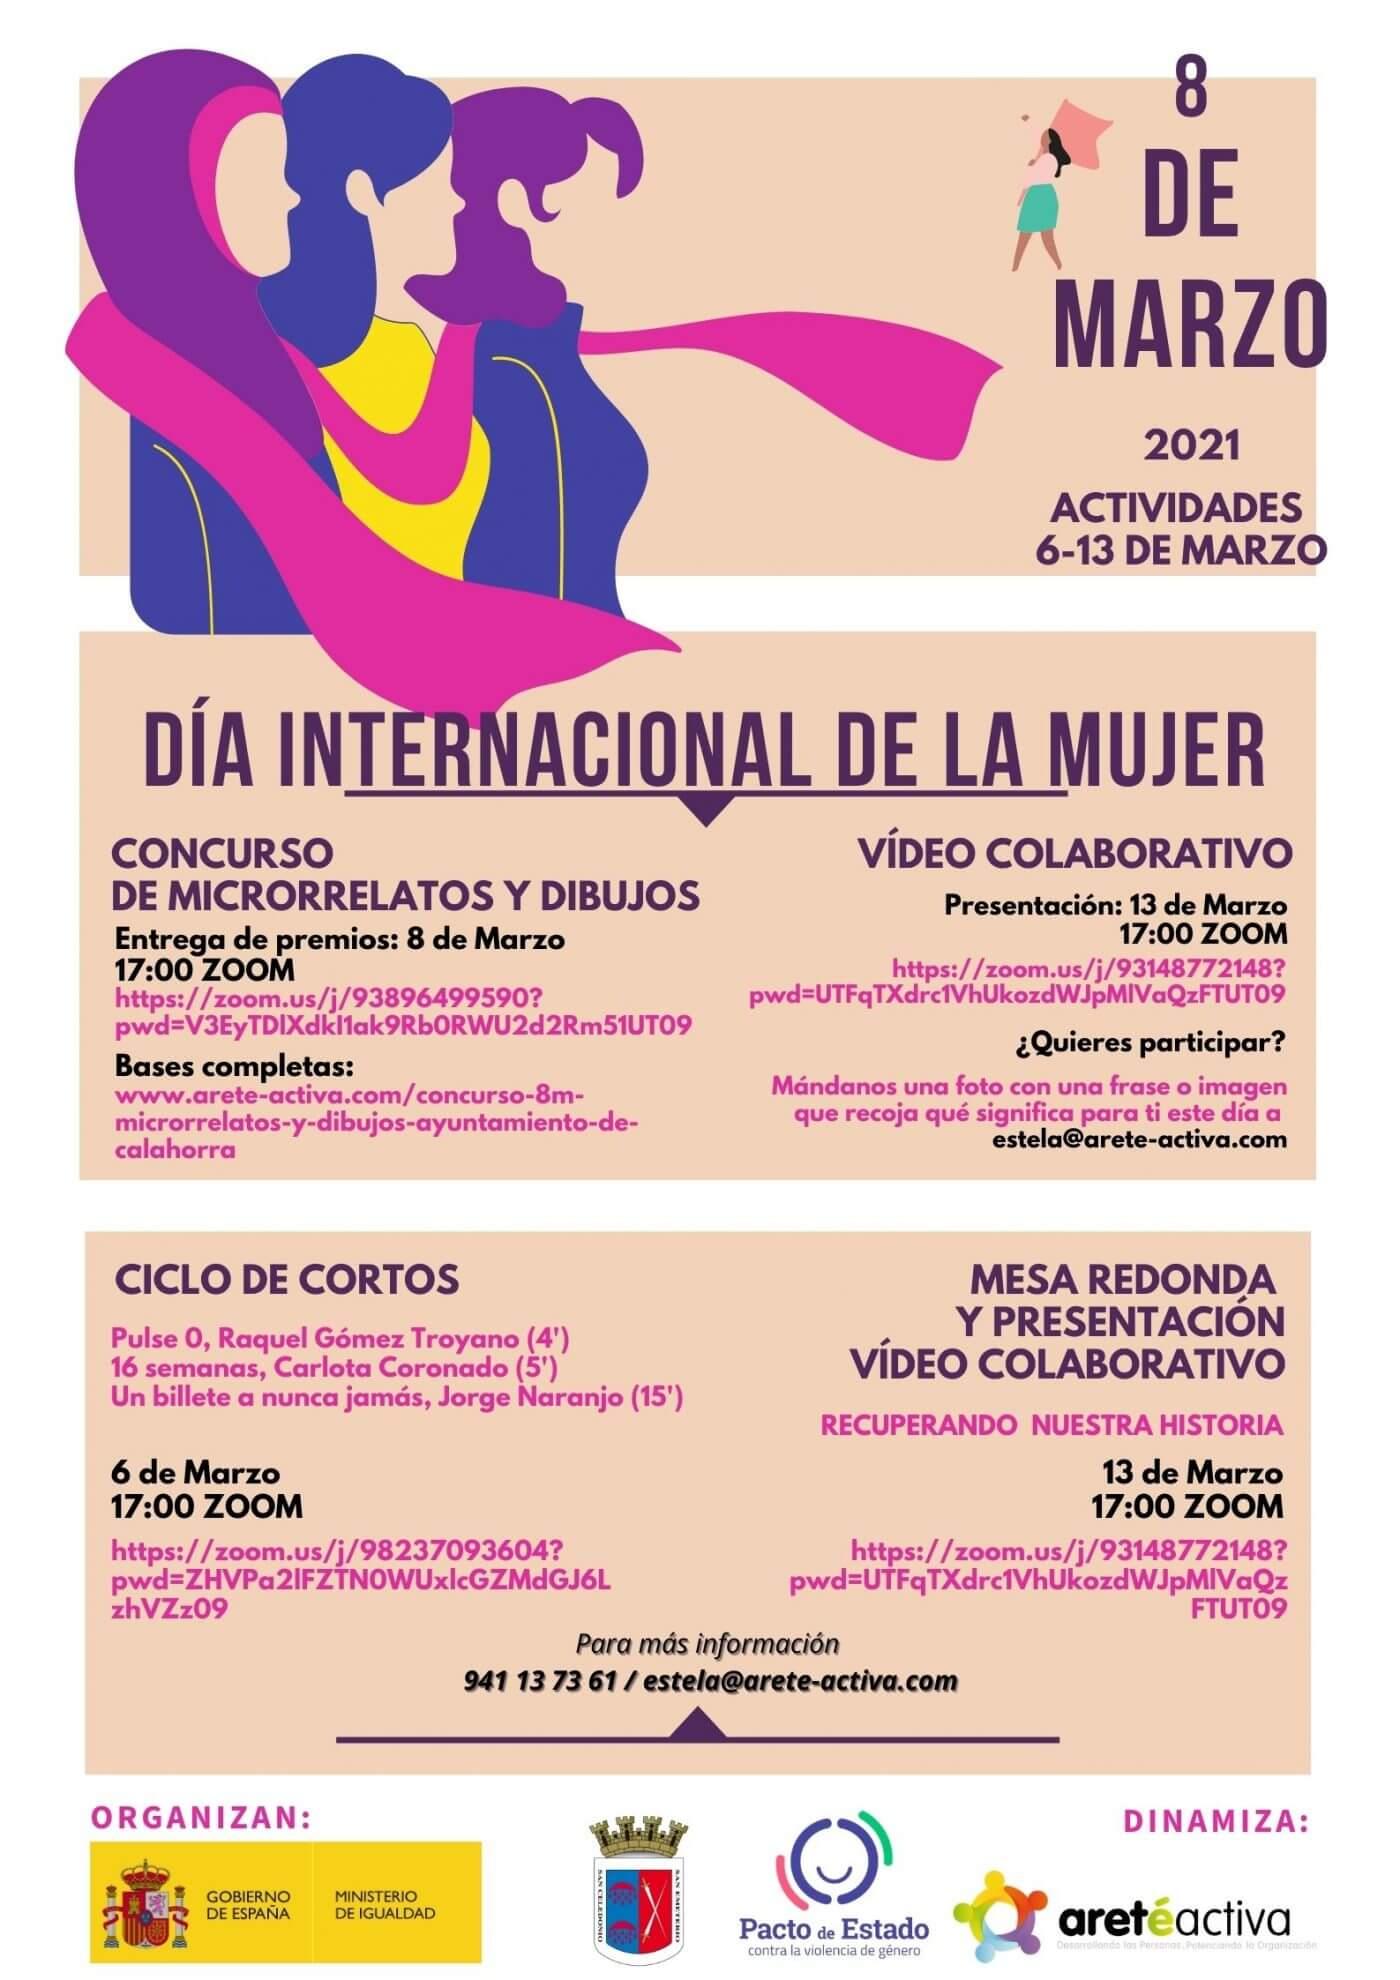 Un total de 55 personas han participado en los concursos organizados por la Concejalía de Igualdad de Calahorra con motivo del Día de la Mujer